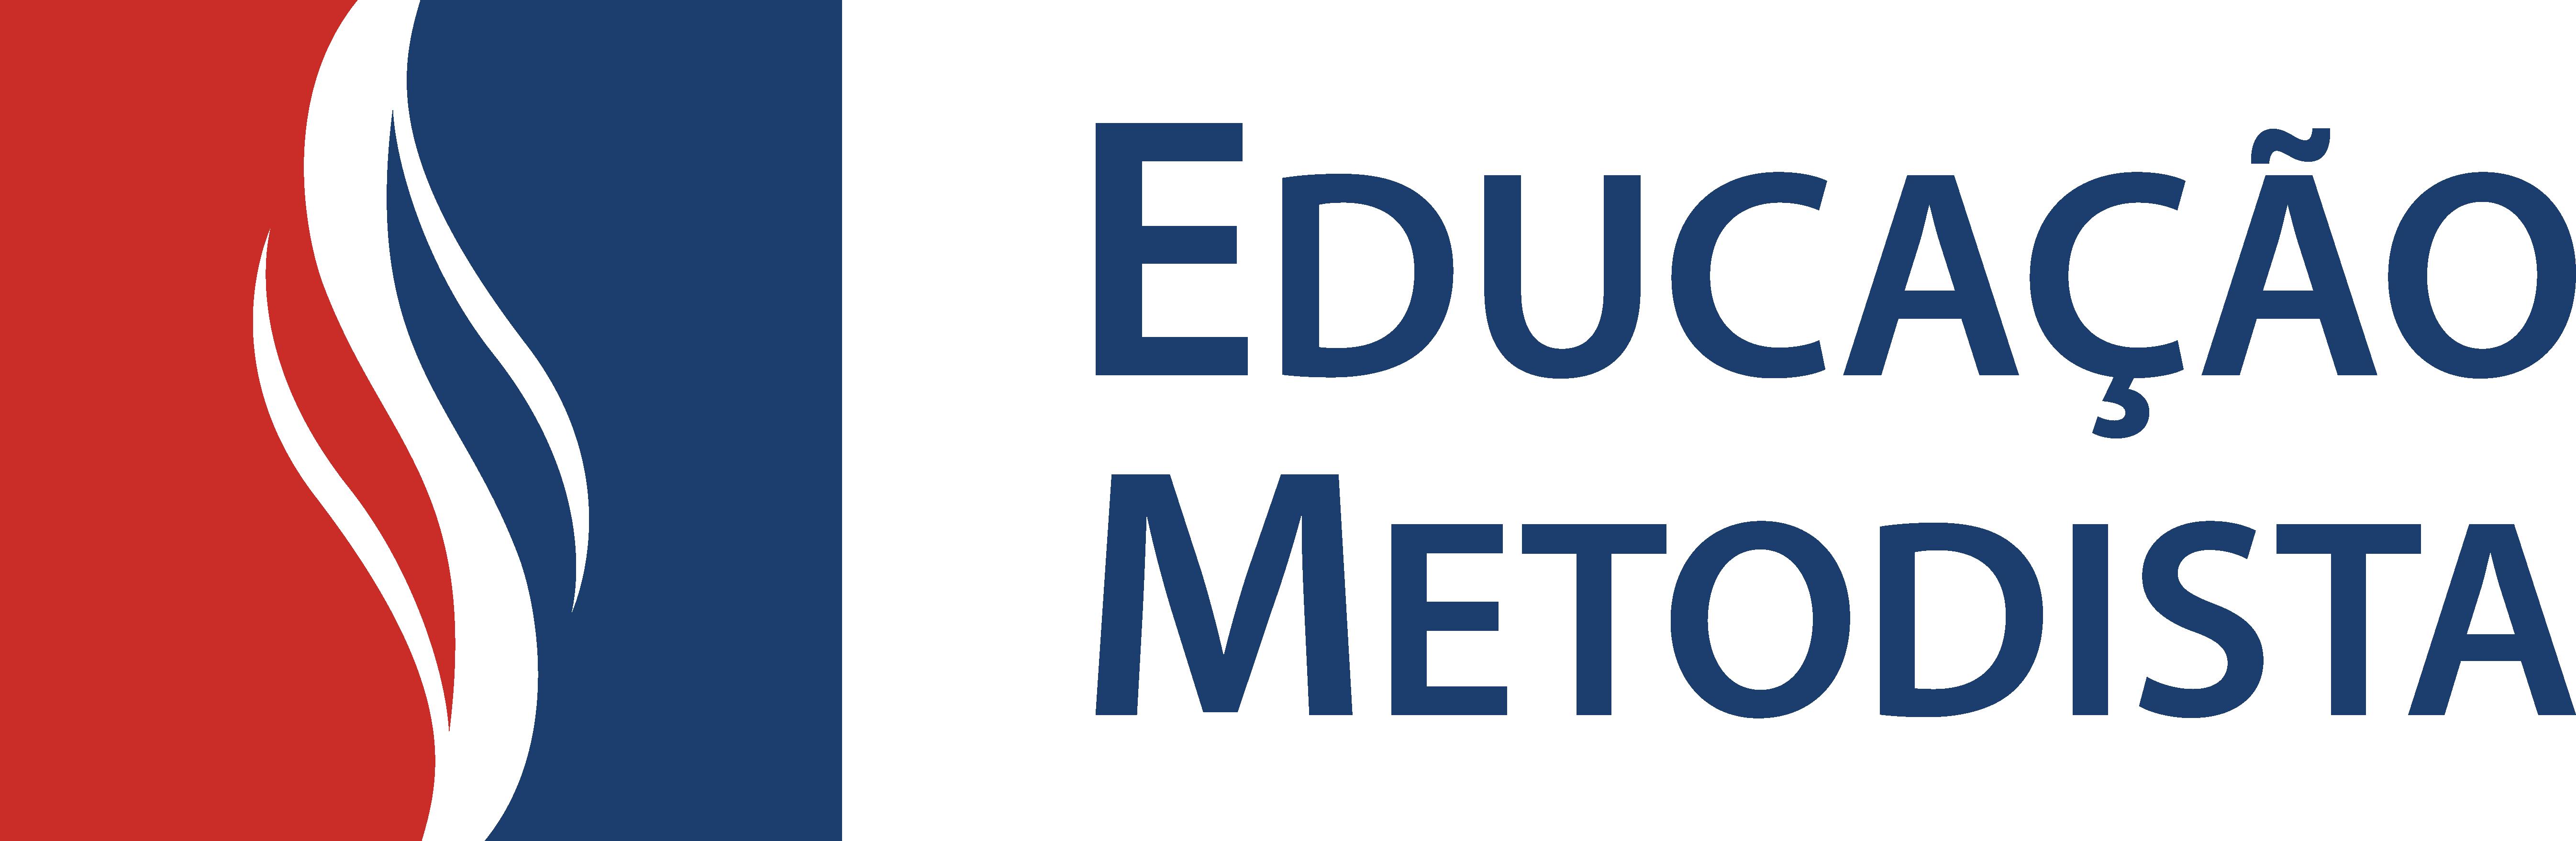 Educação Metodista Horizontal